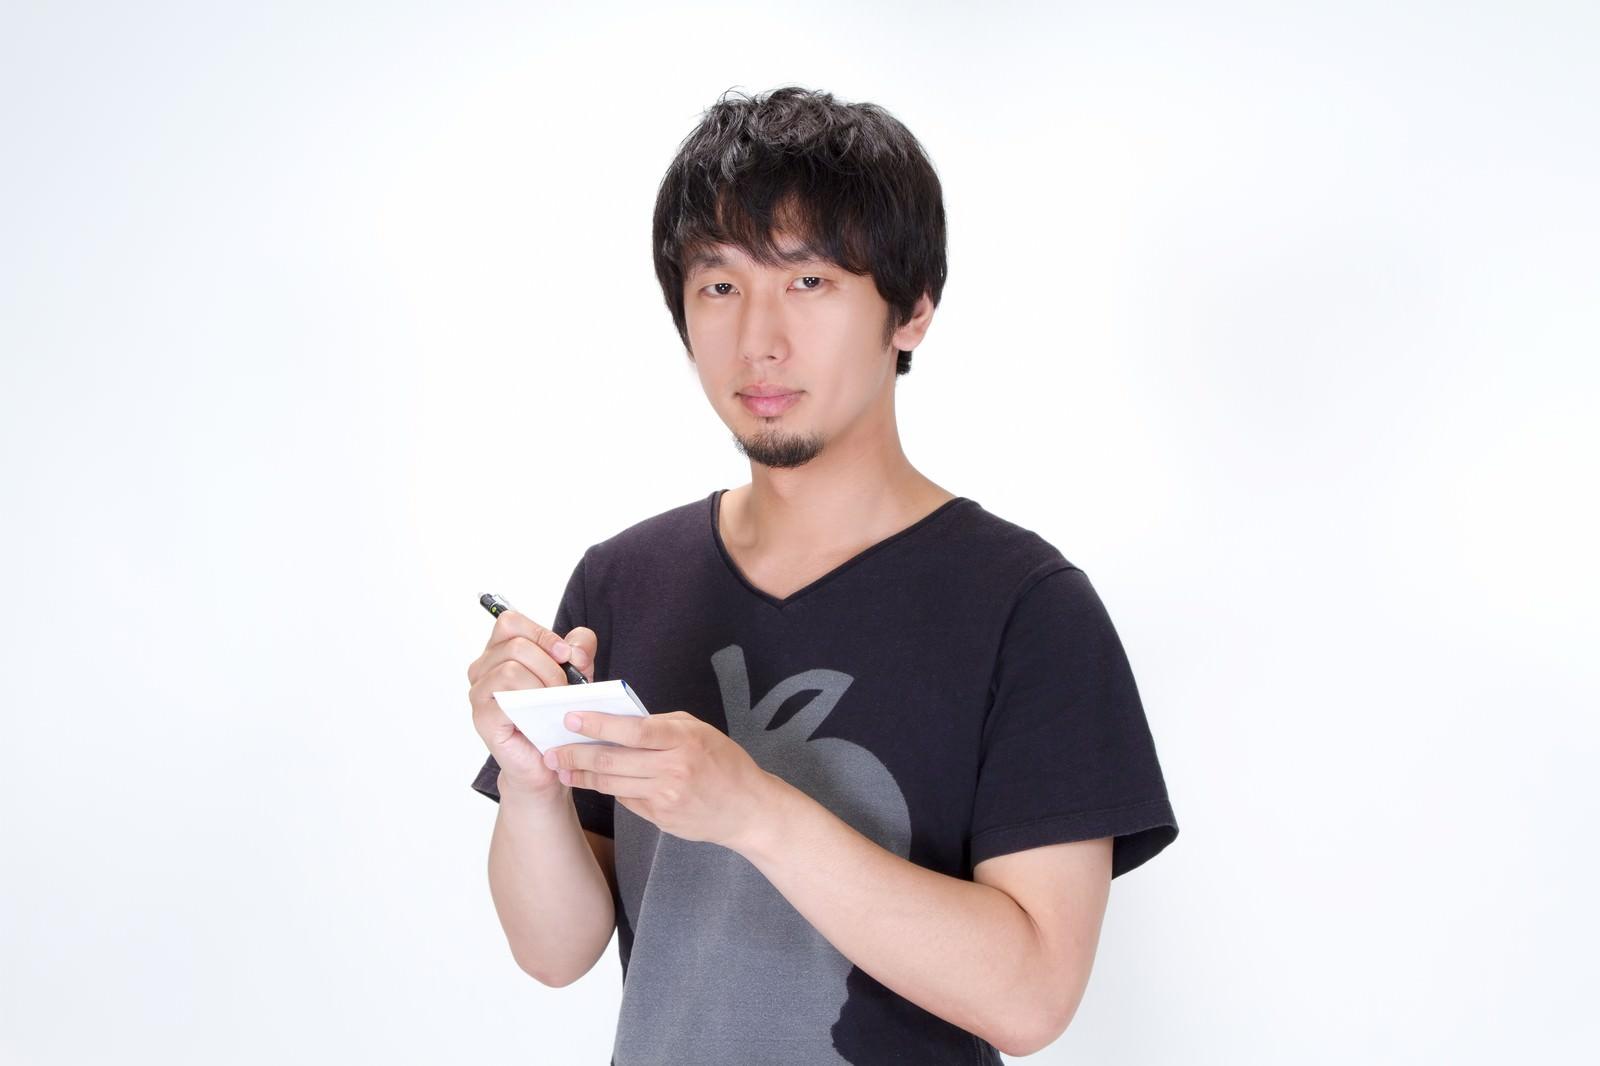 https://www.pakutaso.com/shared/img/thumb/OOK58_memomemo_TP_V.jpg